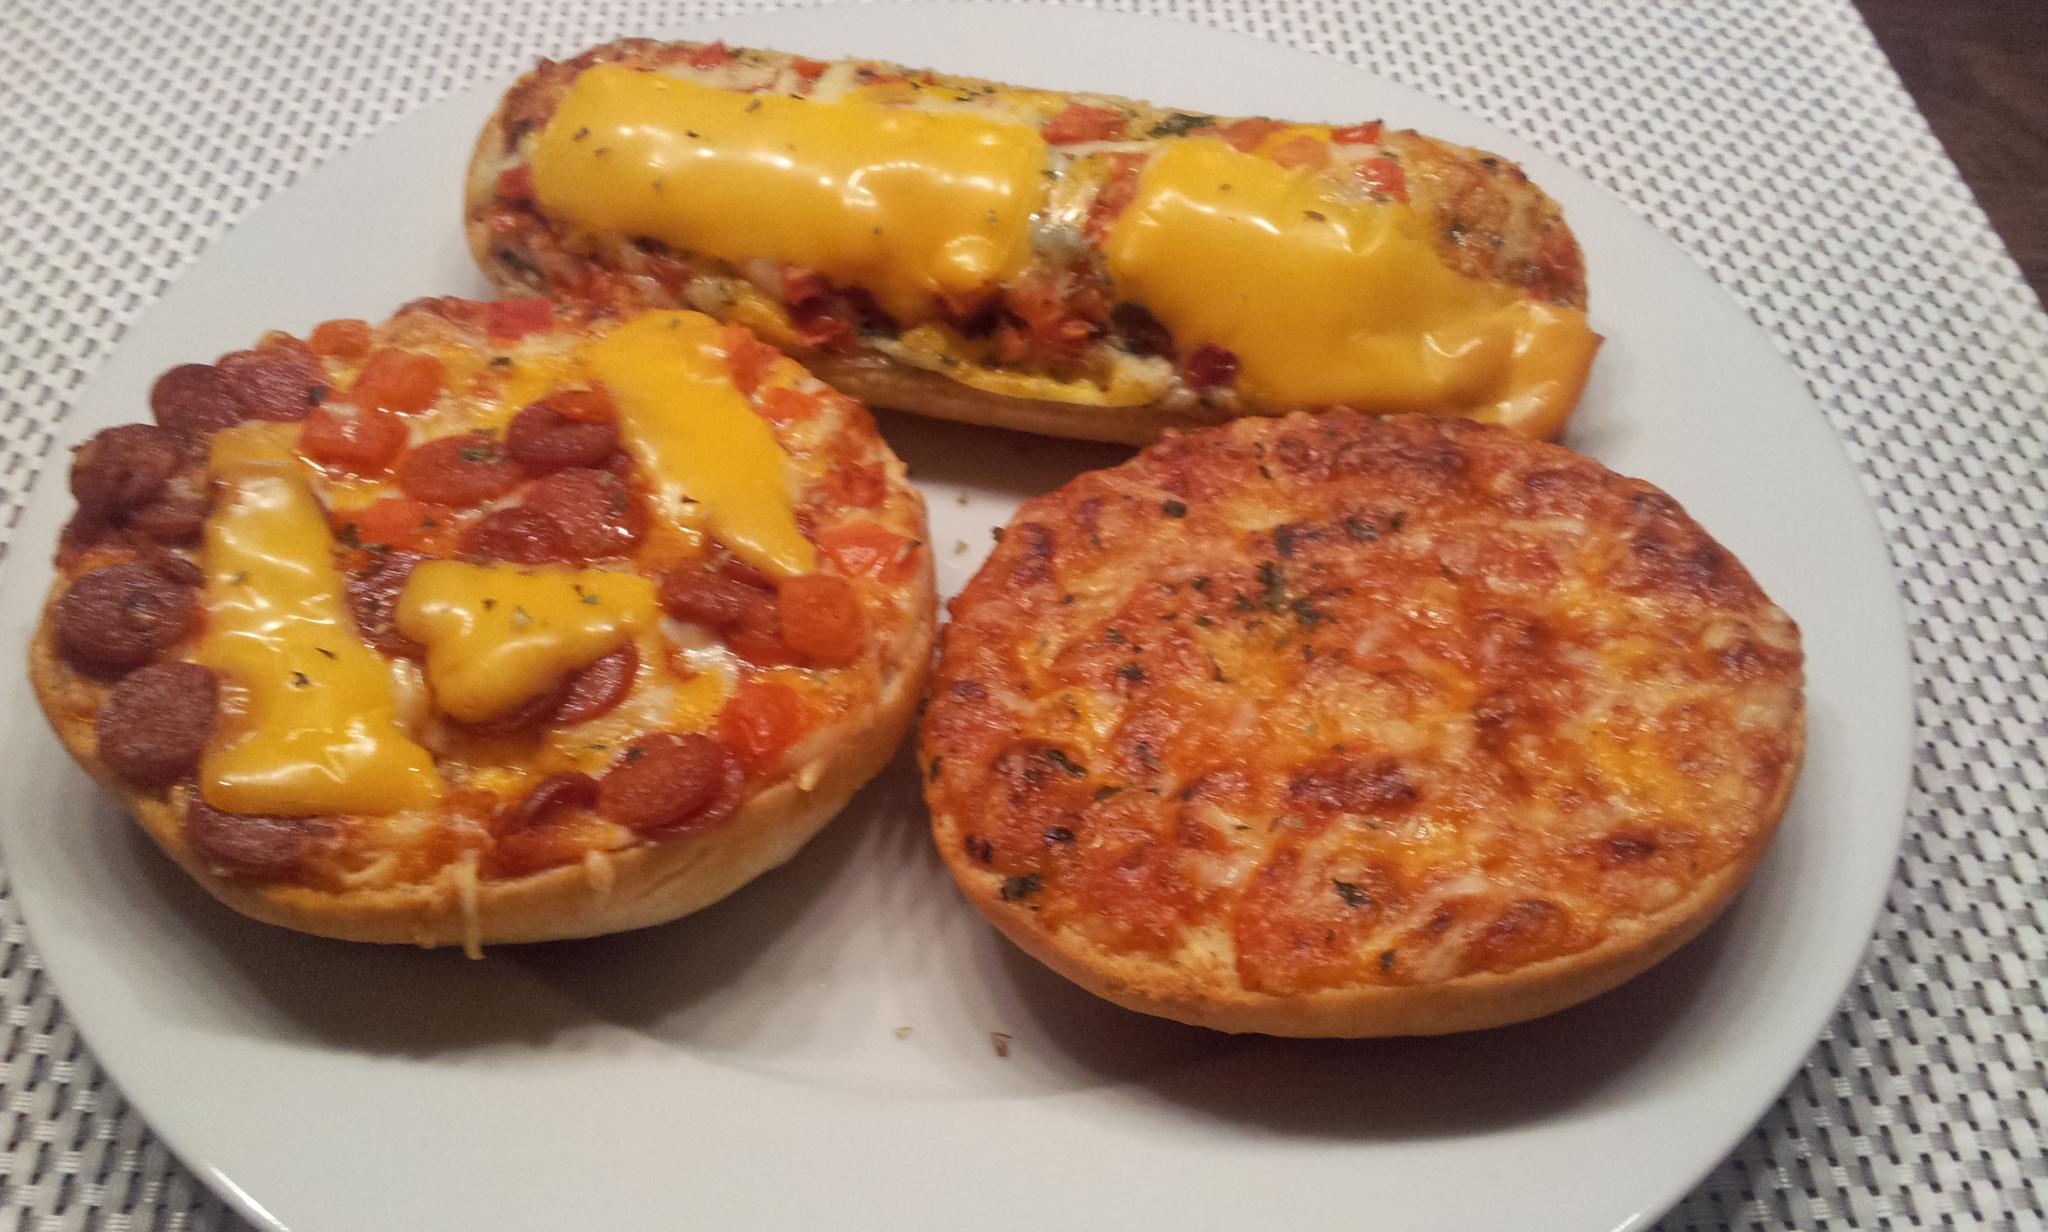 http://foodloader.net/Holz_2014-04-18_Pizzaburger_und_Bistro-Baguette.jpg